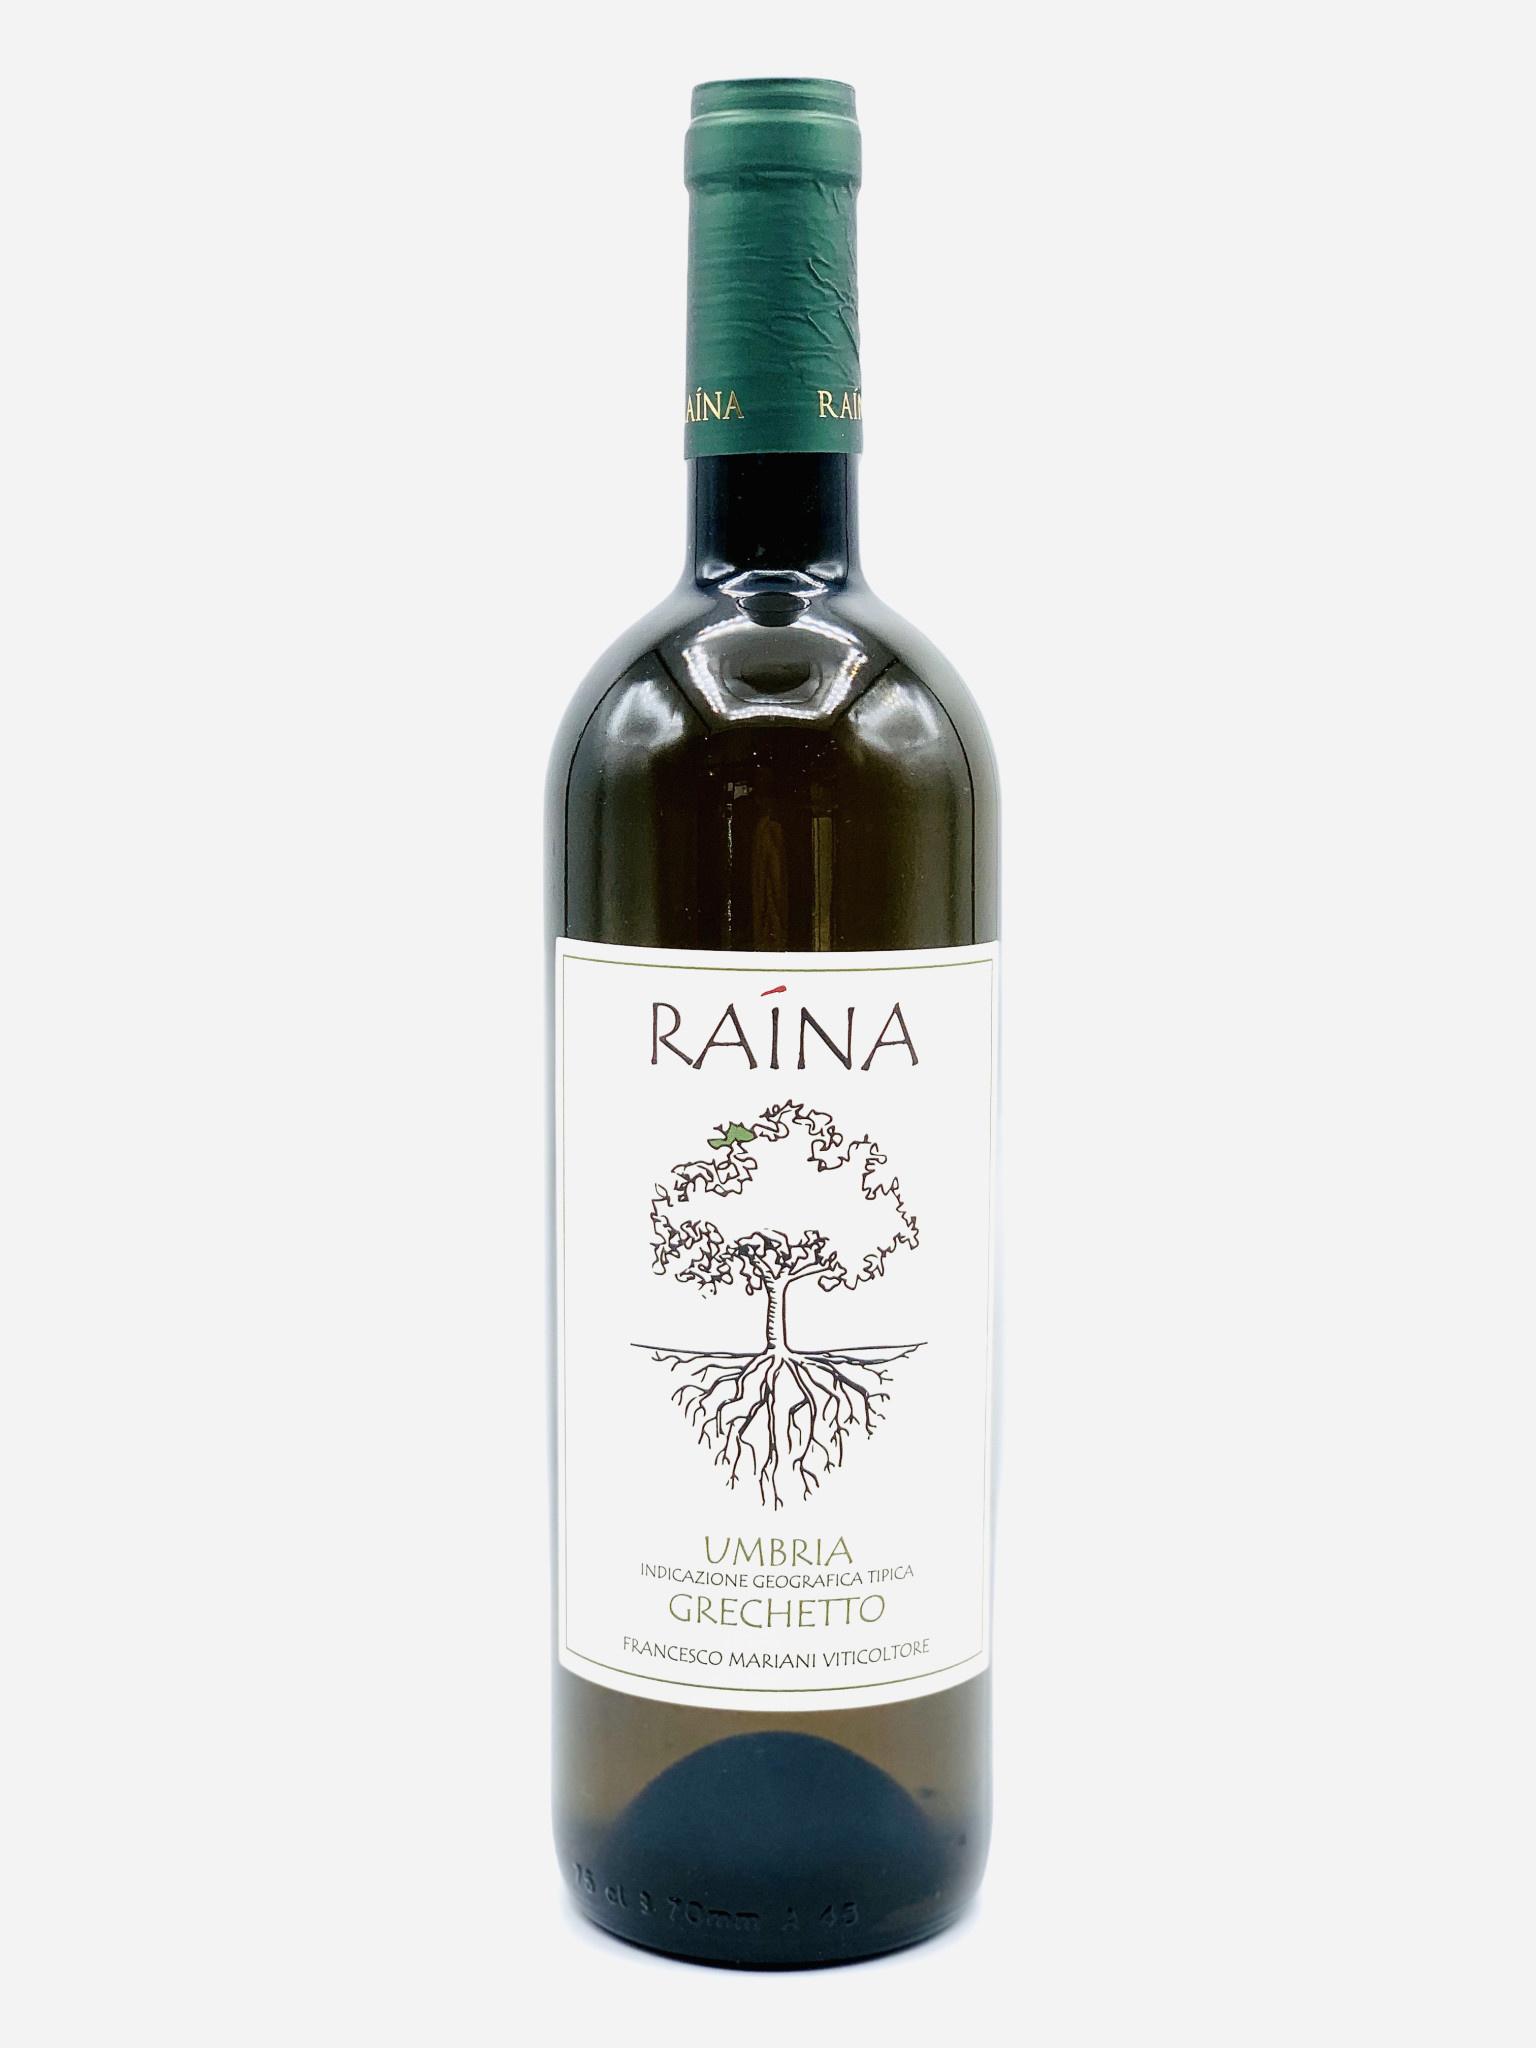 Umbria Grechetto 2019 Raina 750ml